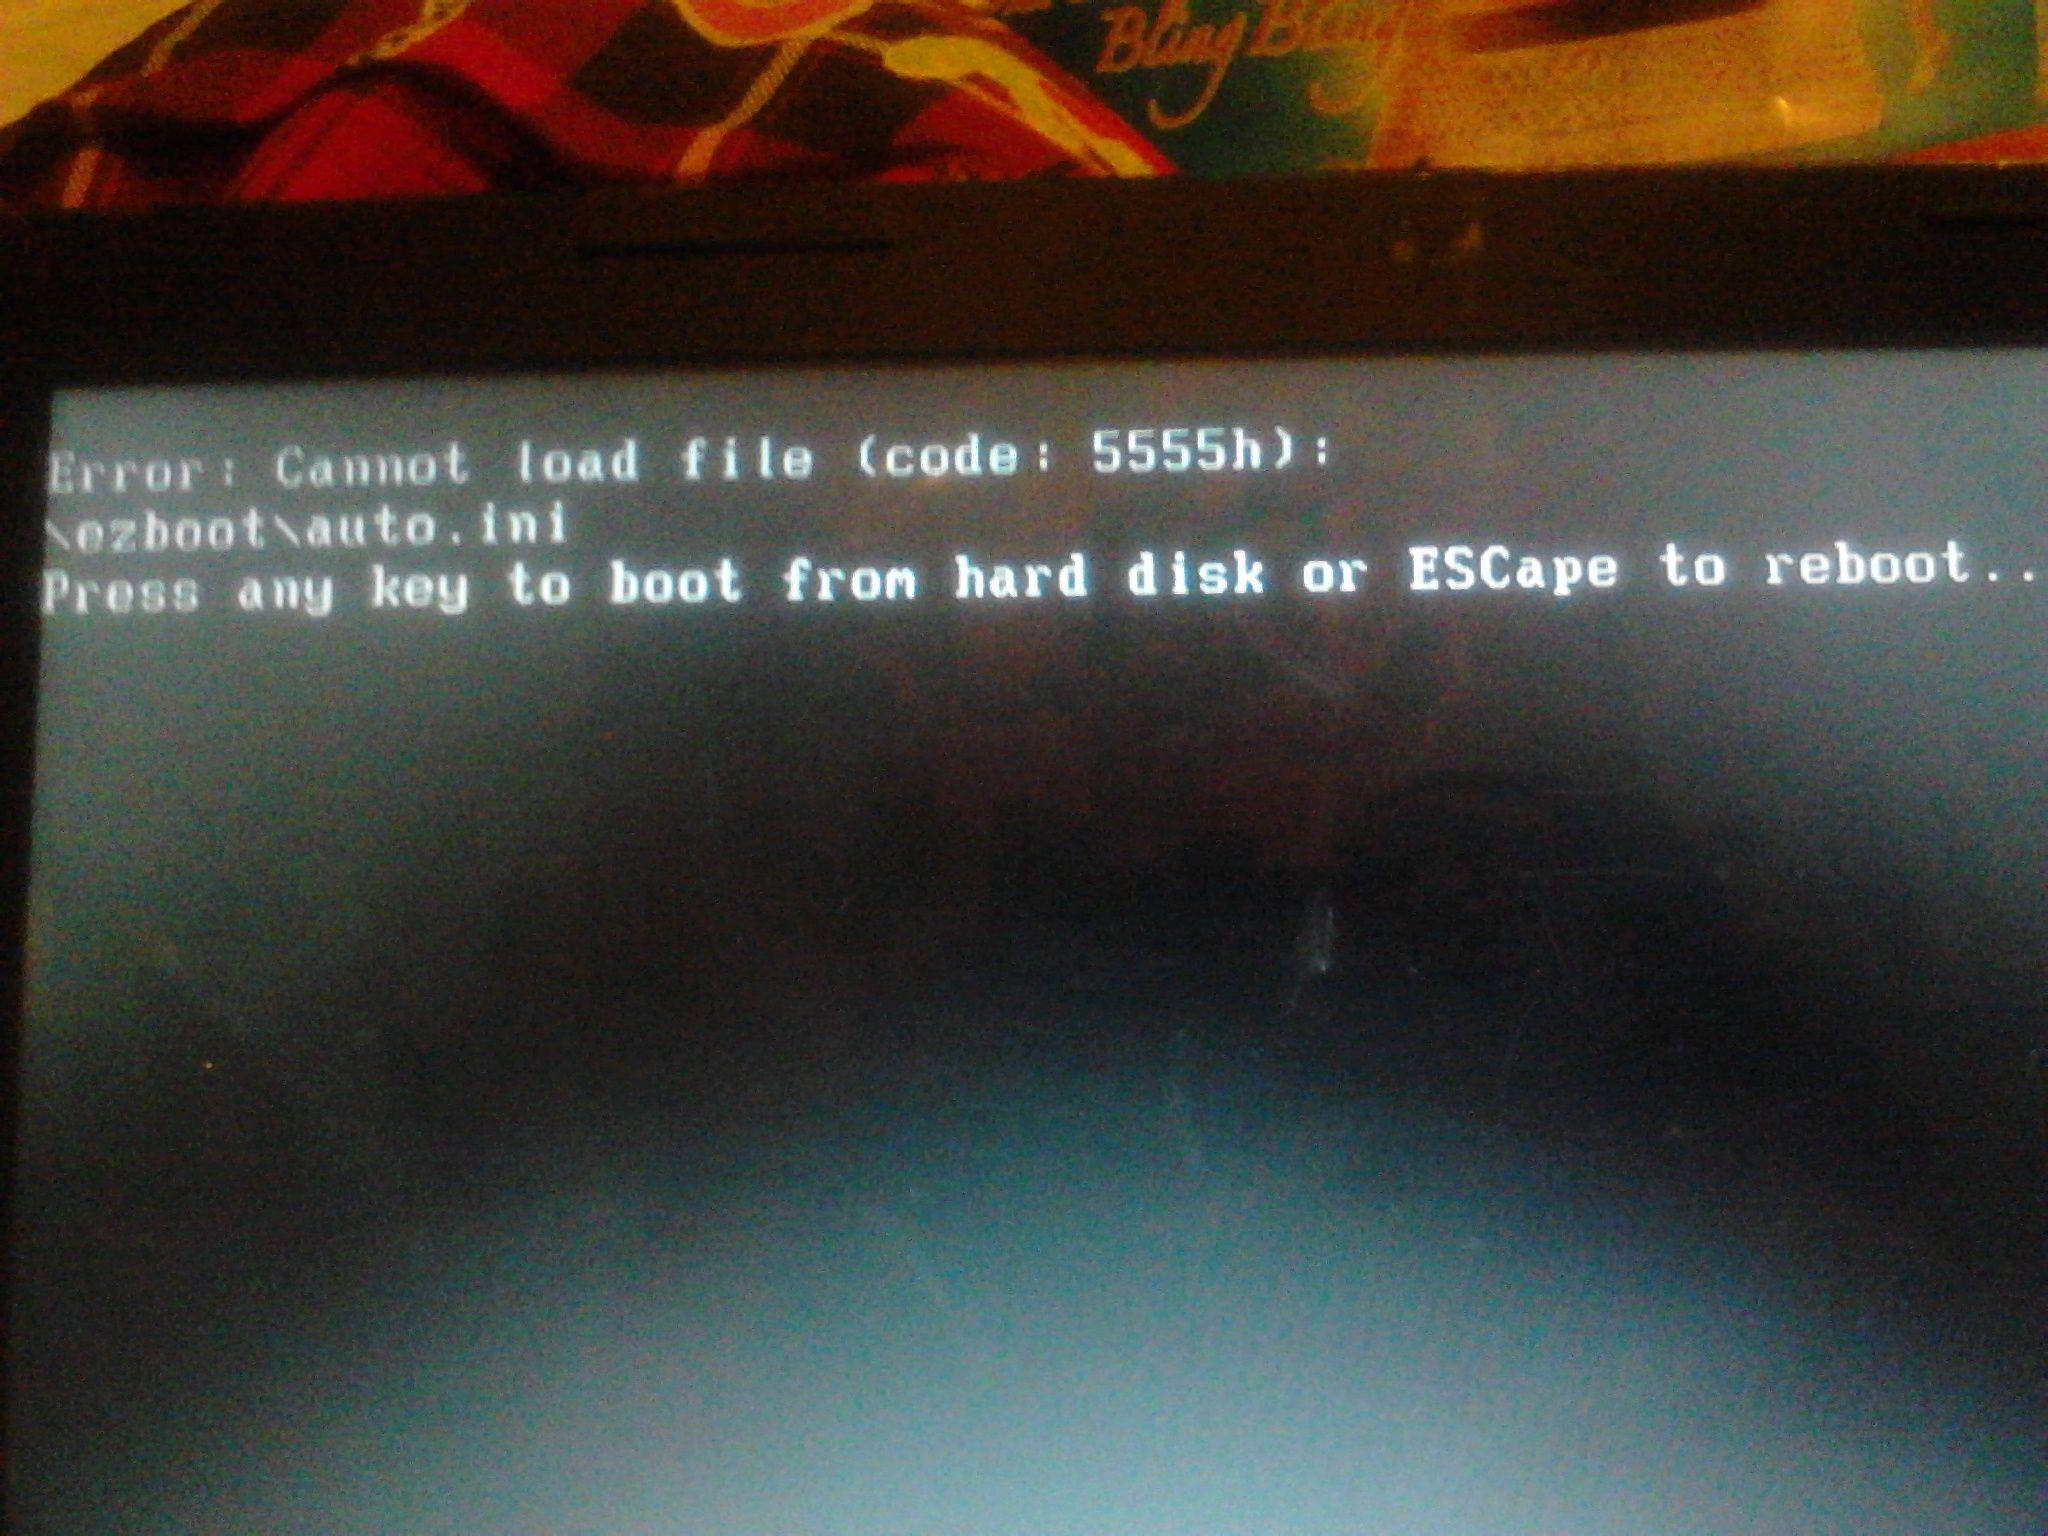 原本电脑崩溃,然后用pe重装了xp,结果开机出现了ntdetect failed,怎么